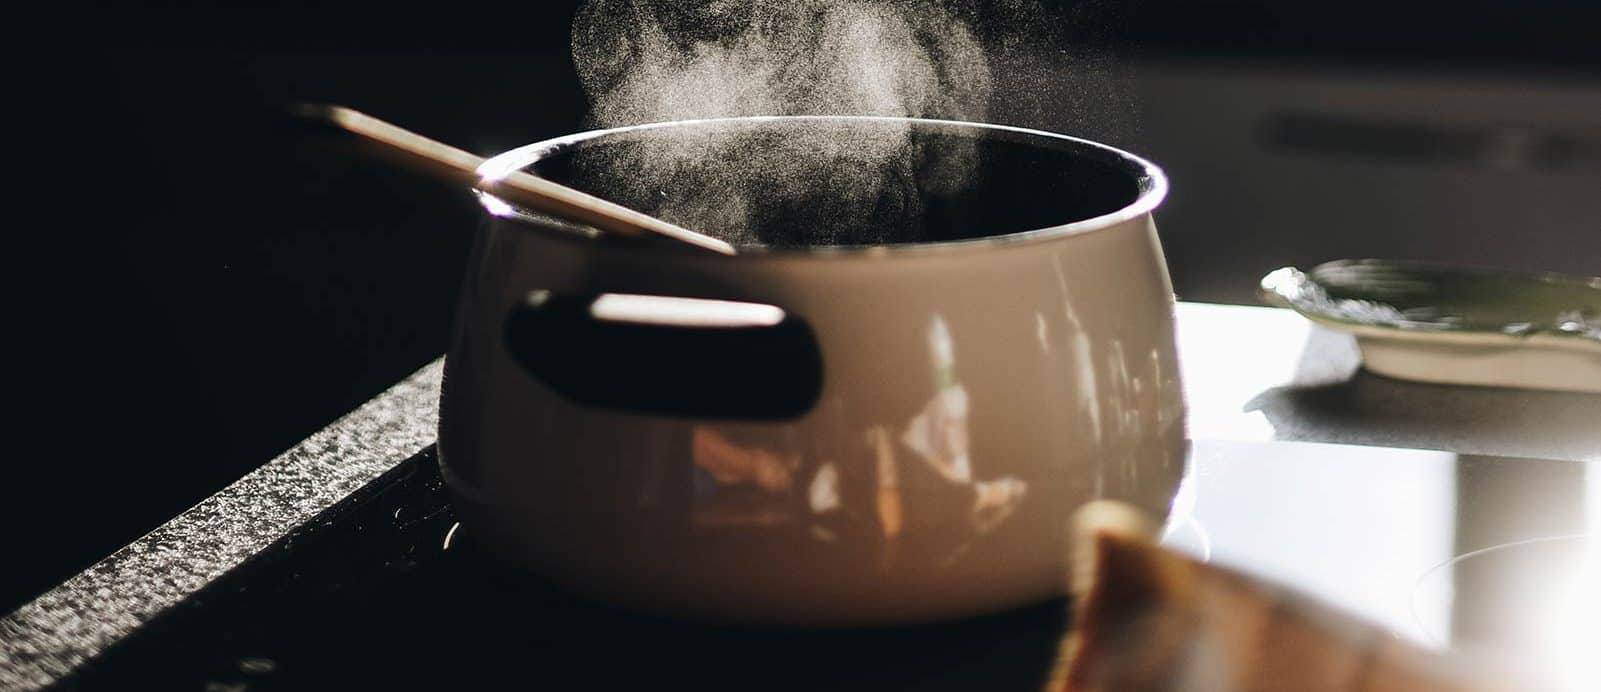 tienda de utensilios de cocina cocinate e1601976213304